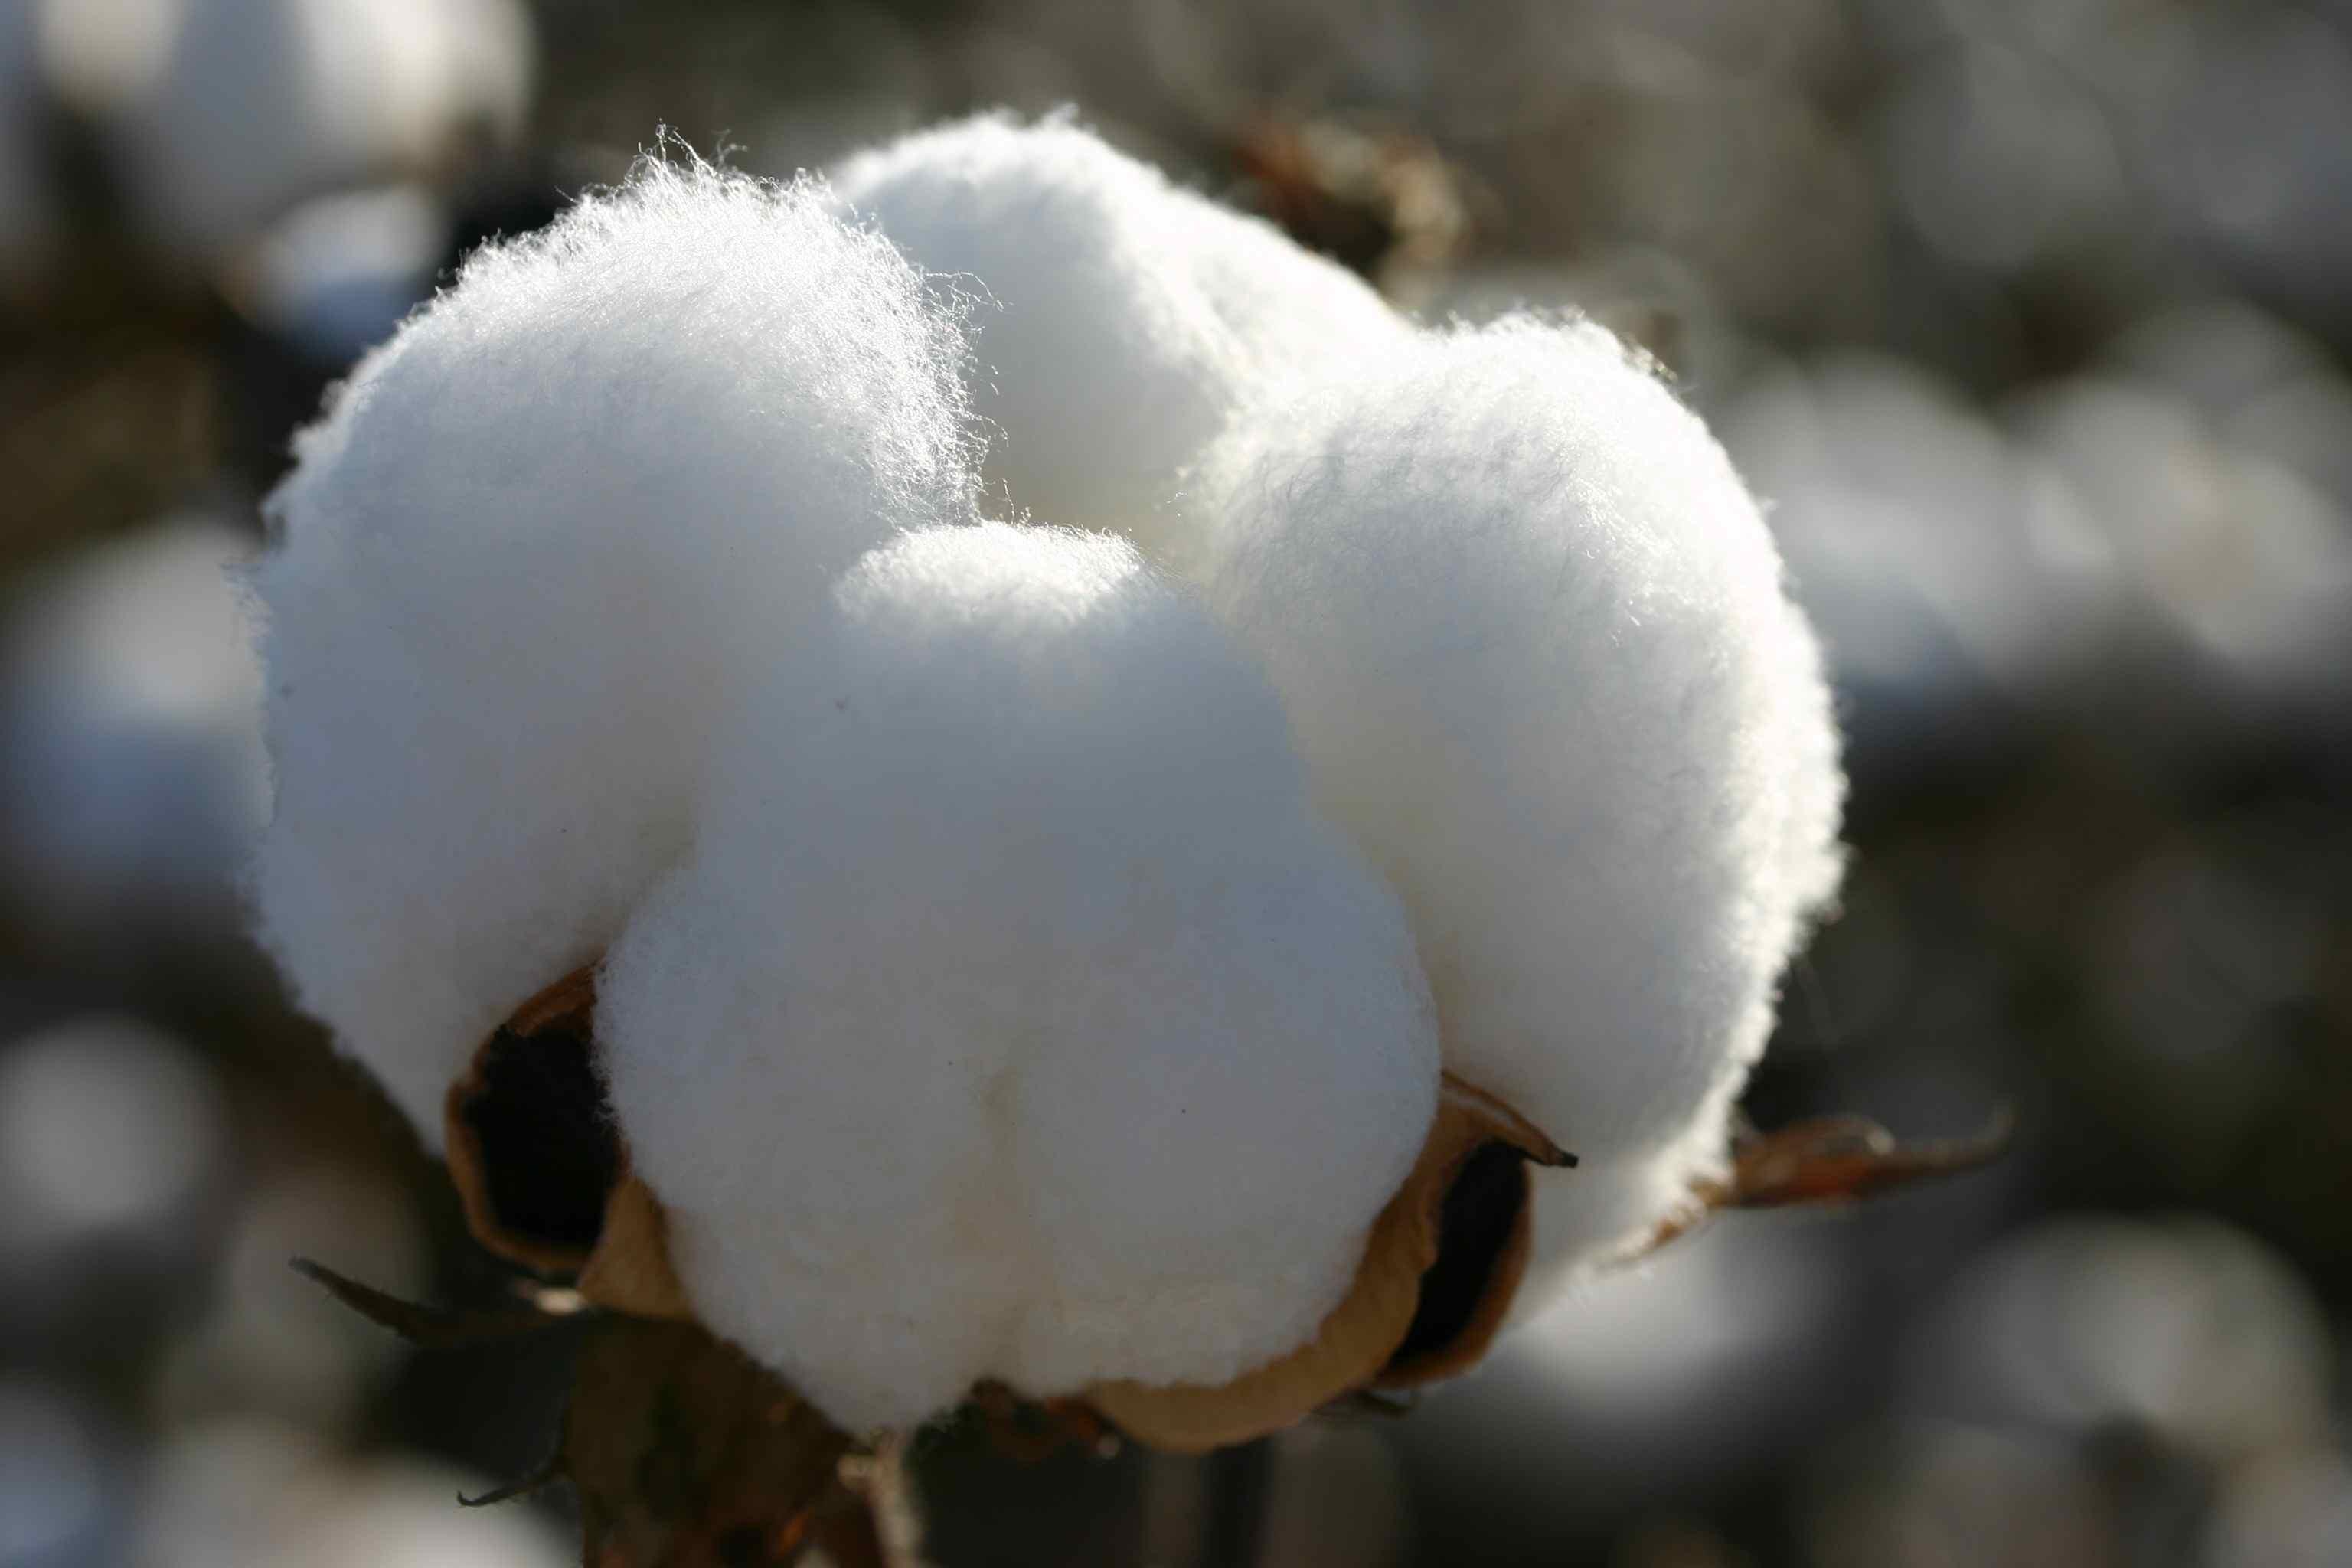 خبير زراعي: نجاح زراعة القطن المصرى الأورجانيك بإنتاجية 18 قنطار للفدان